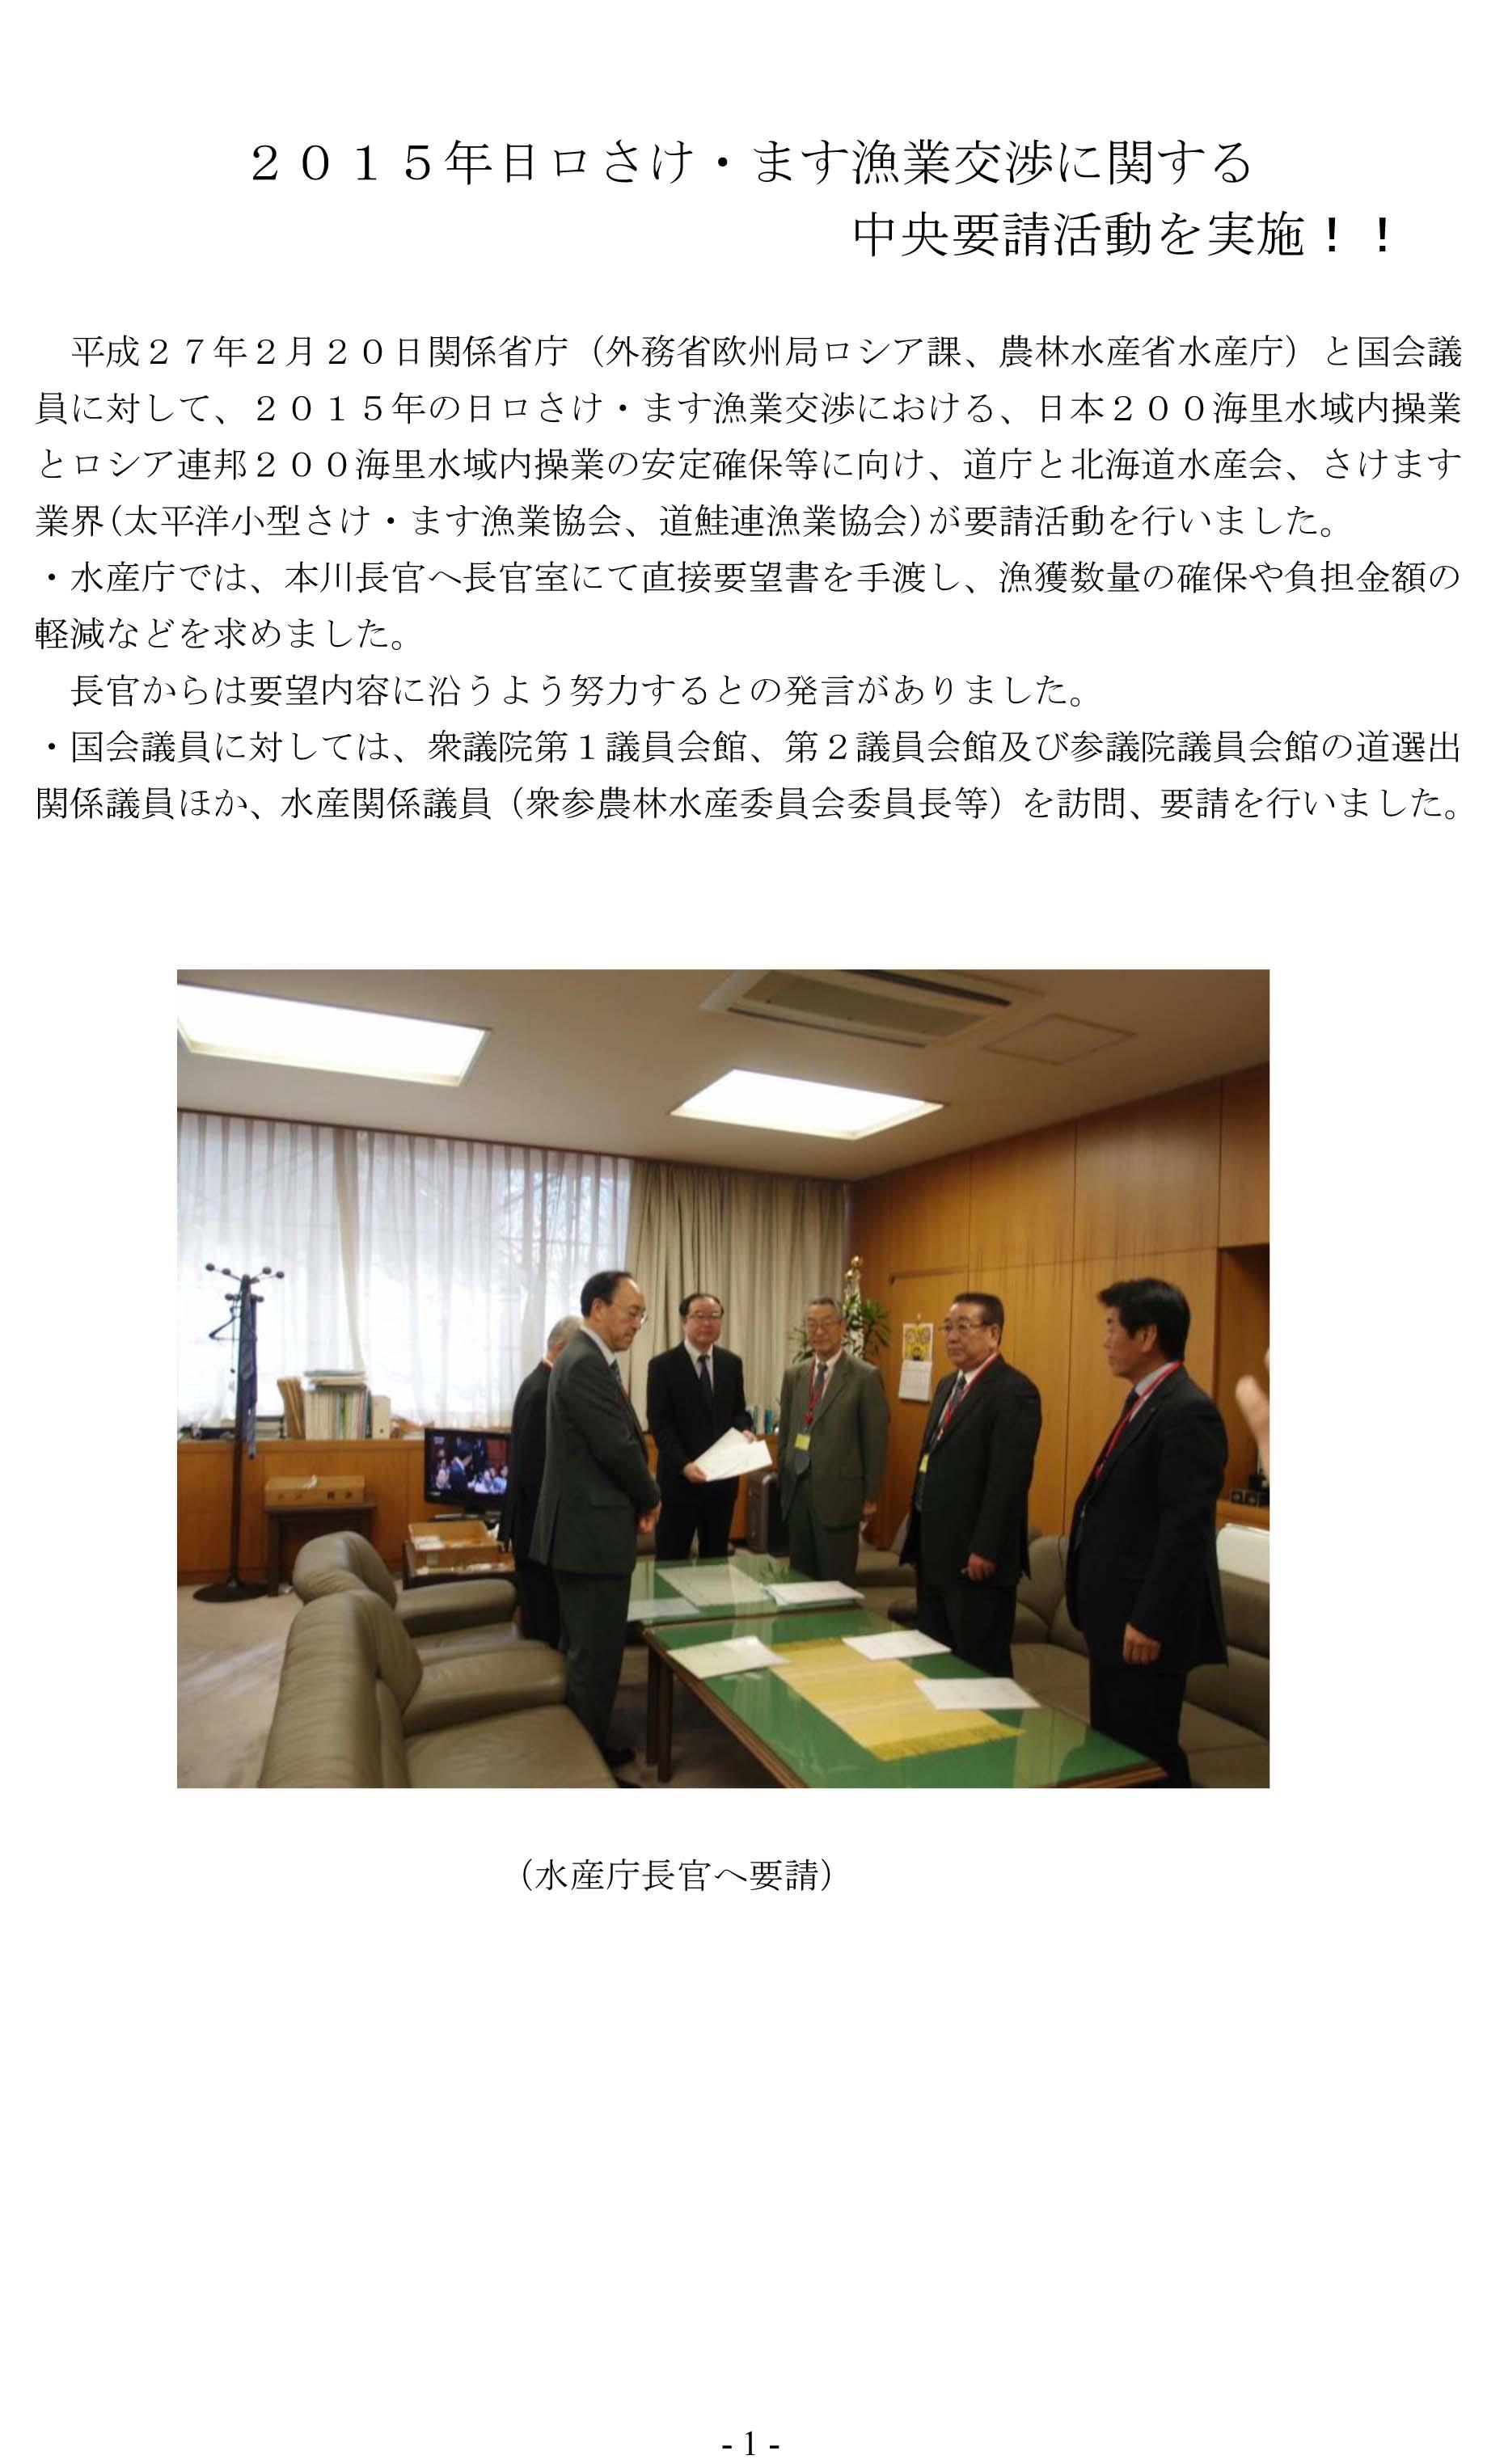 2015日ロさけ・ます漁業交渉に係る中央要請